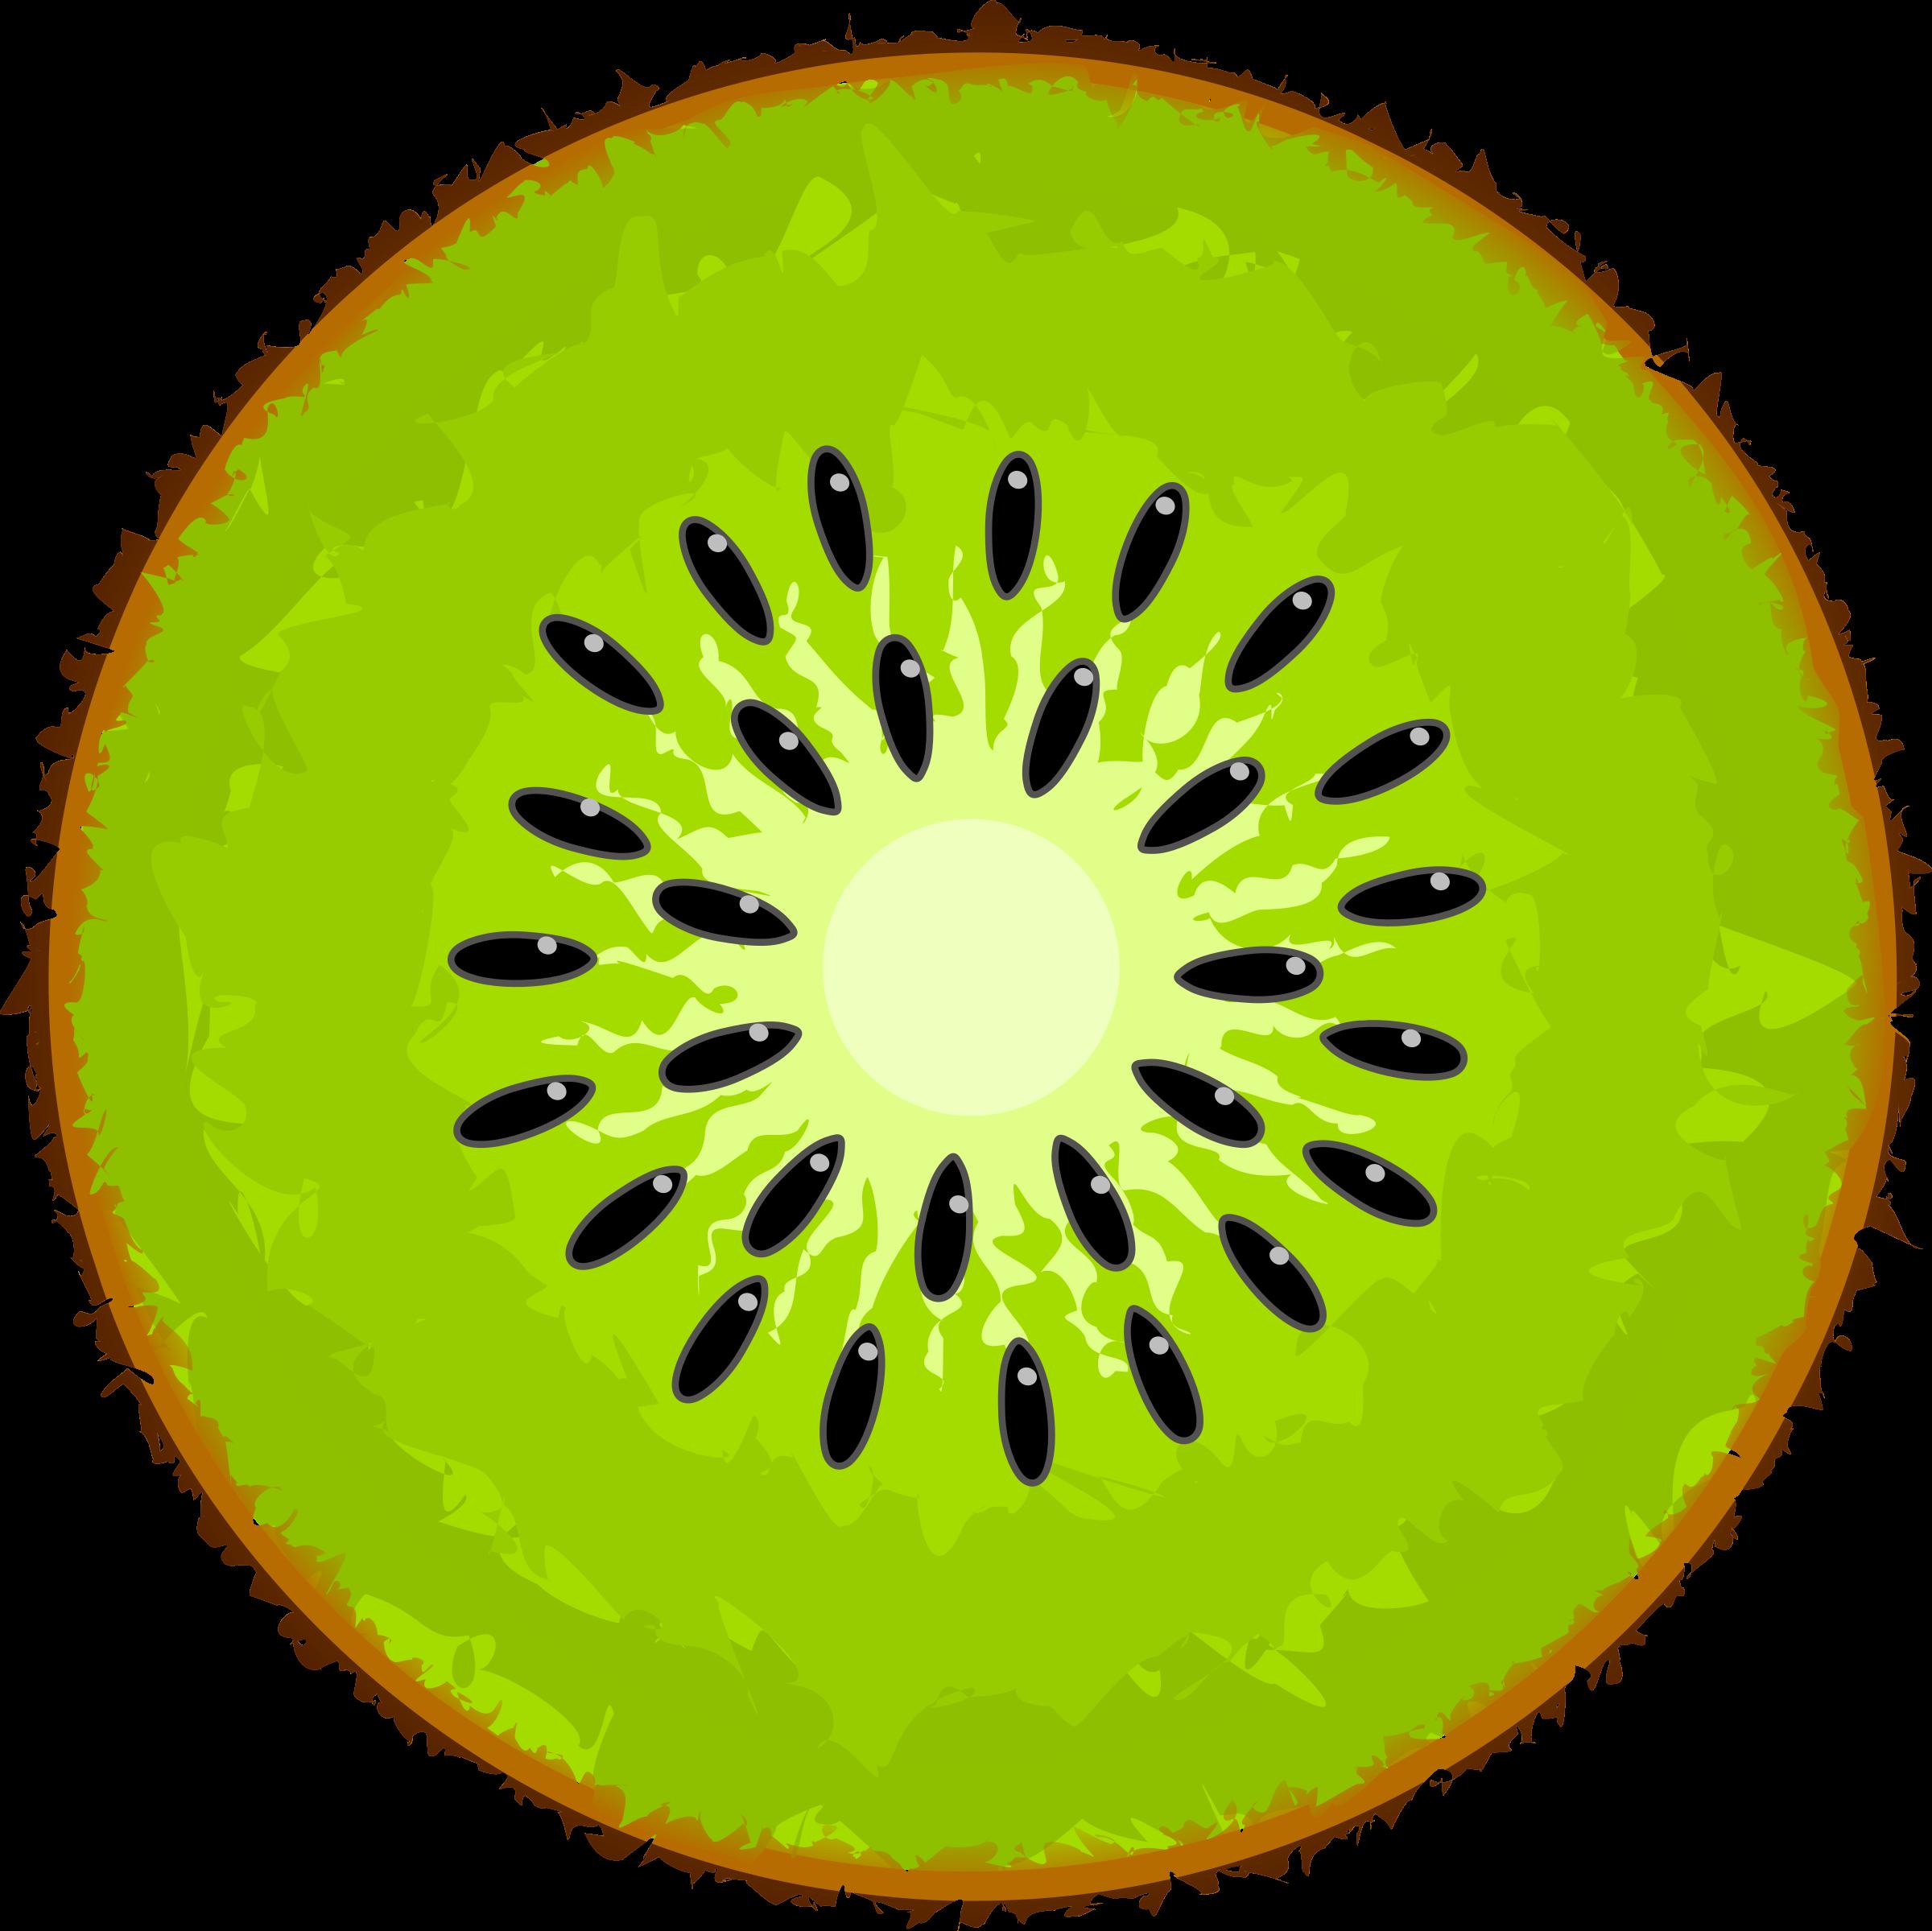 Kiwi Slice PNG - 44563